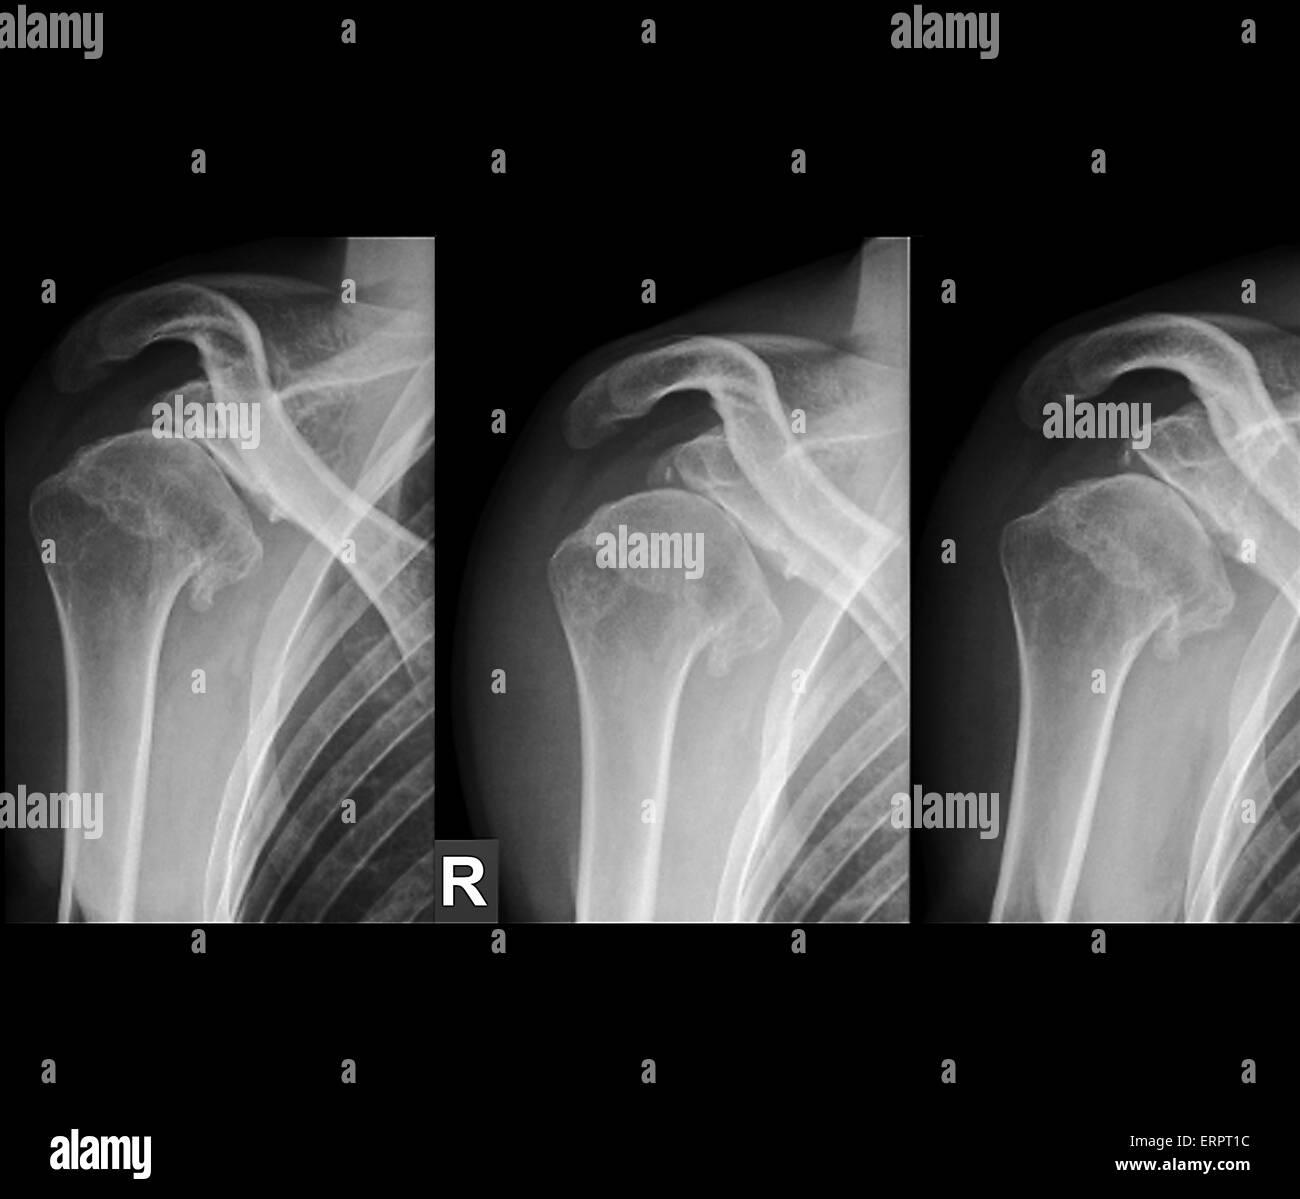 Radiographies de l'épaule droite d'un patient de 36 ans qui a, à maintes reprises, la luxation de l'articulation. Banque D'Images